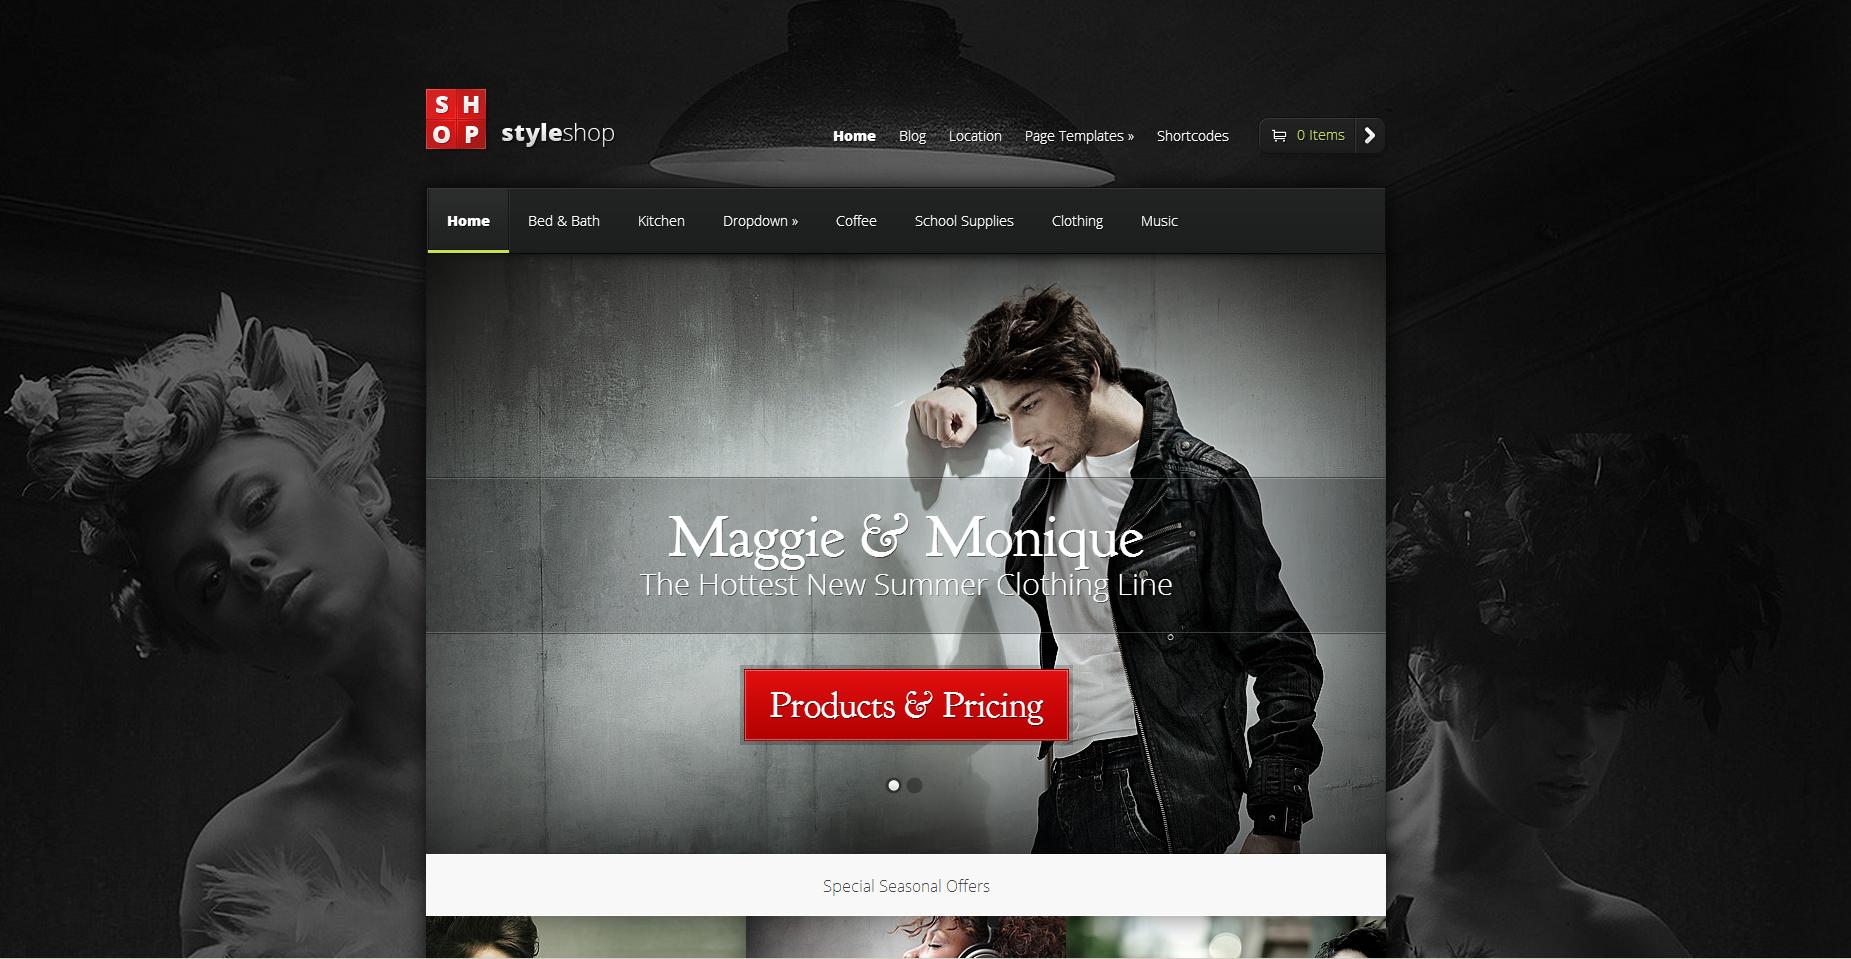 StyleShop Image